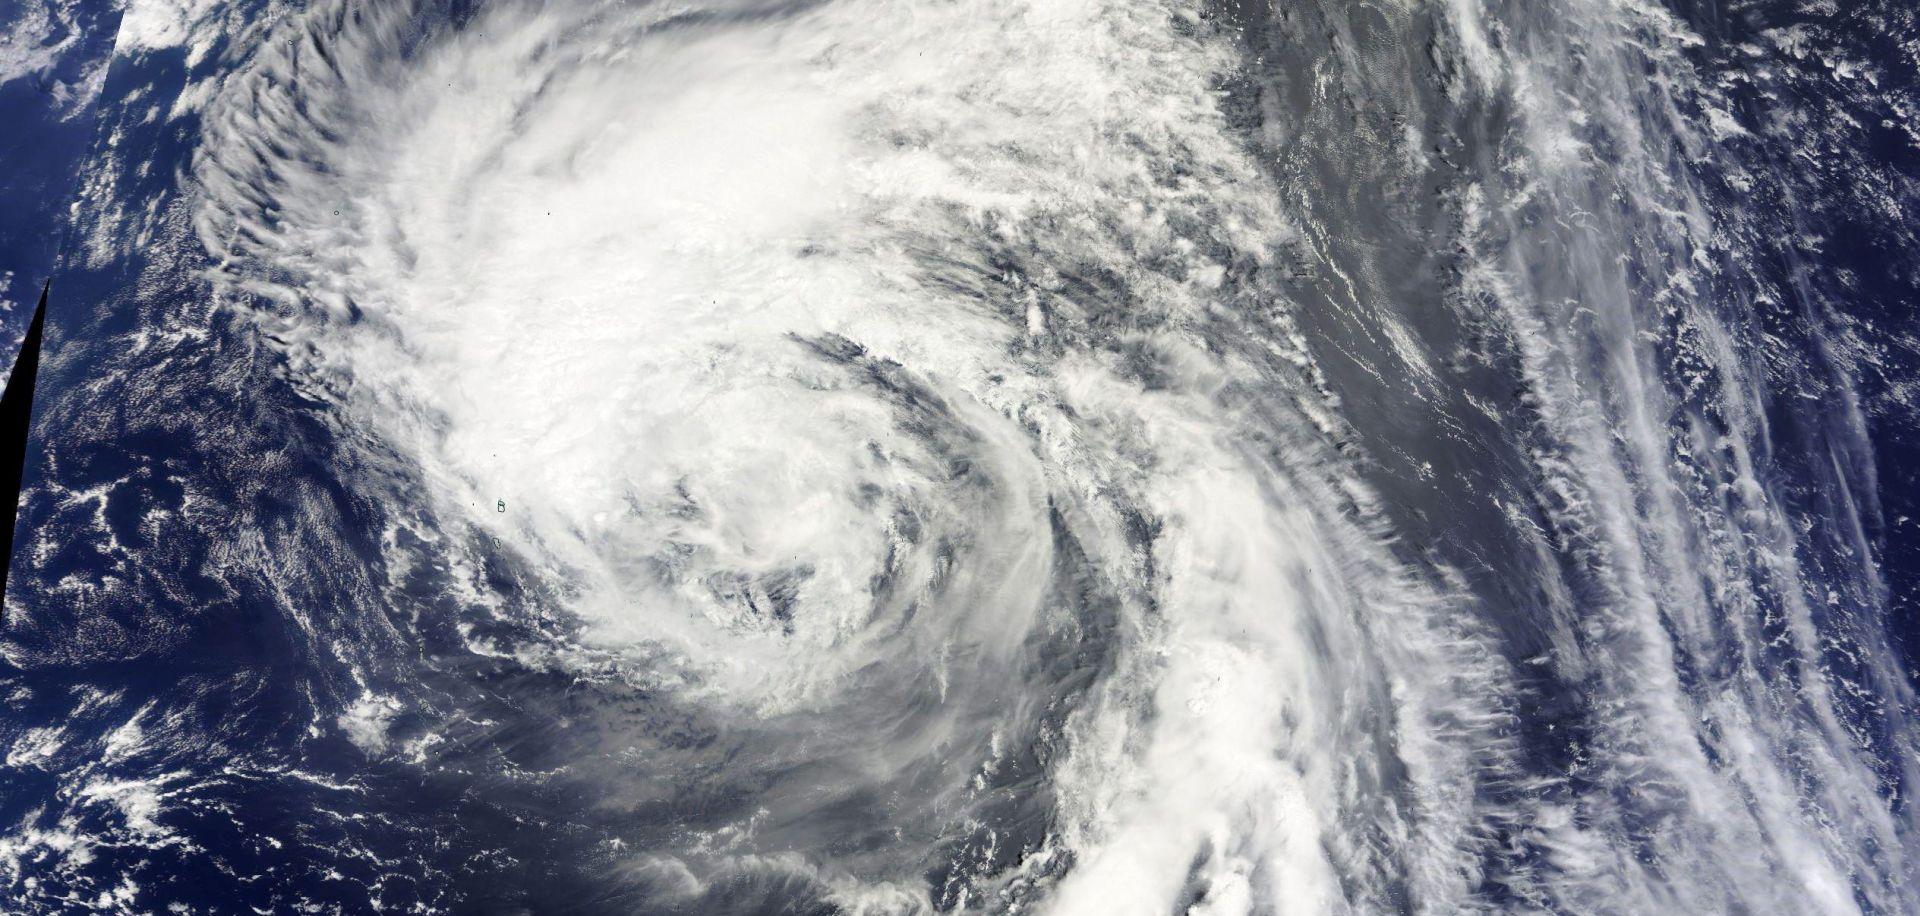 Tajfun poharao sjever Japana, tisuće evakuirane